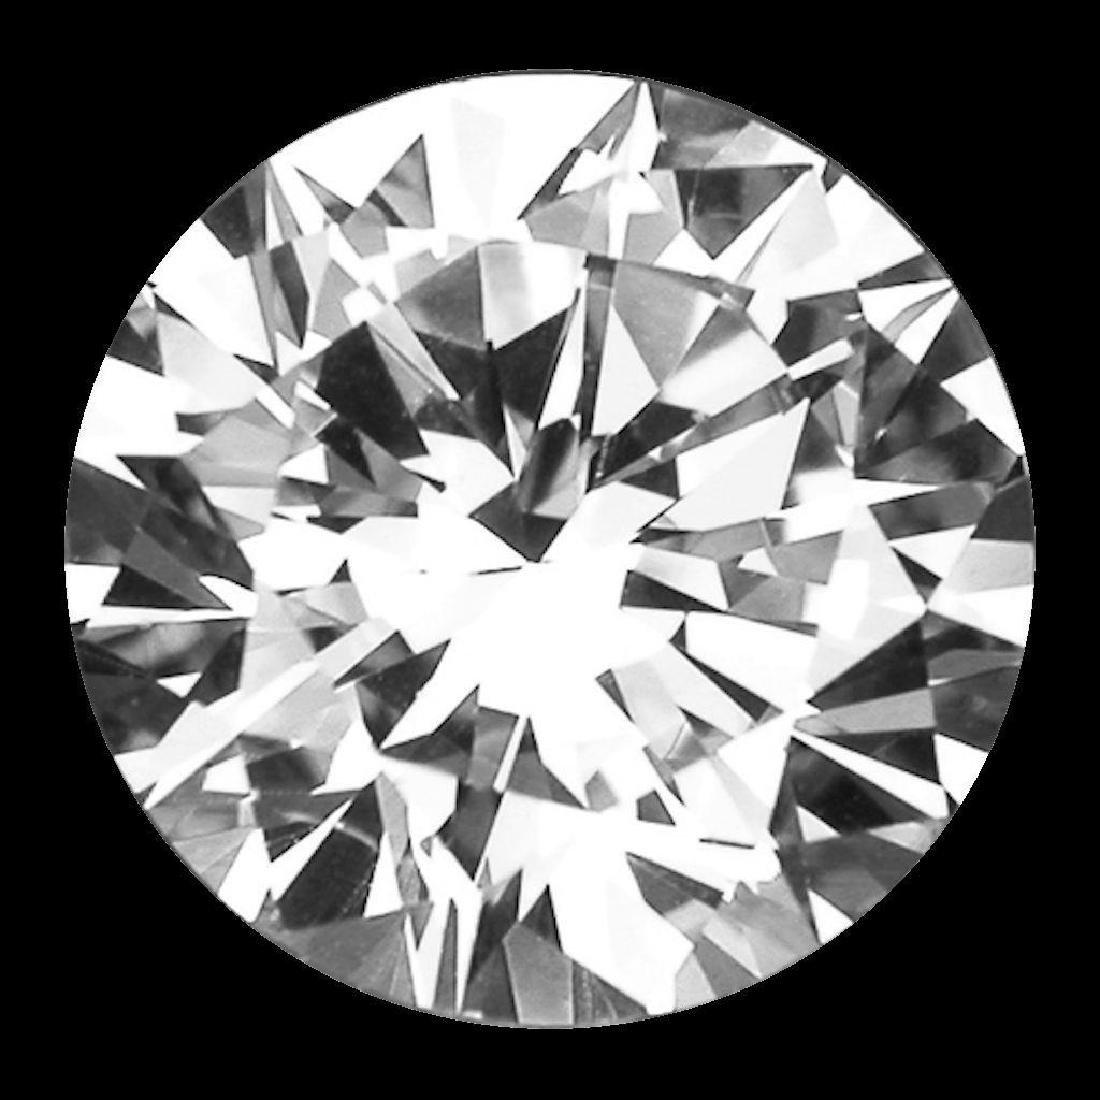 2.75cts Bianco Diamond Grade 6AAAAAA - Loose Stone - 2